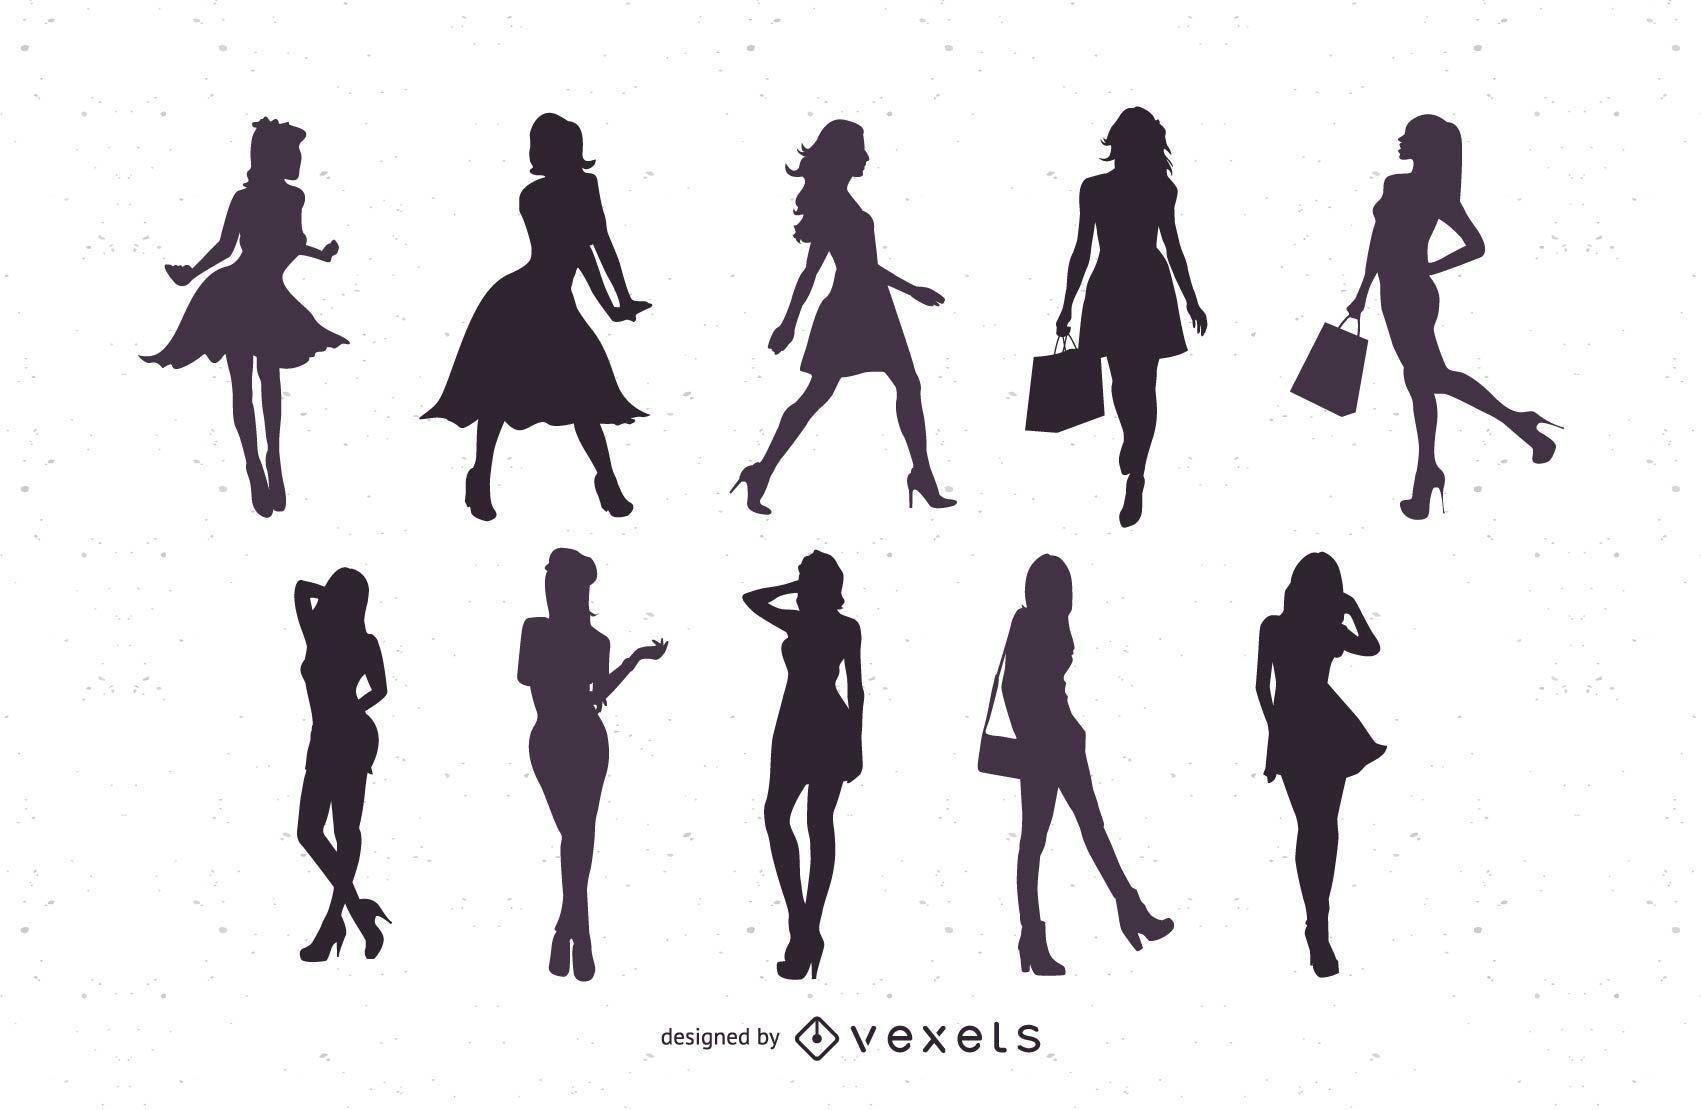 Siluetas de mujeres hermosas en formato vectorial